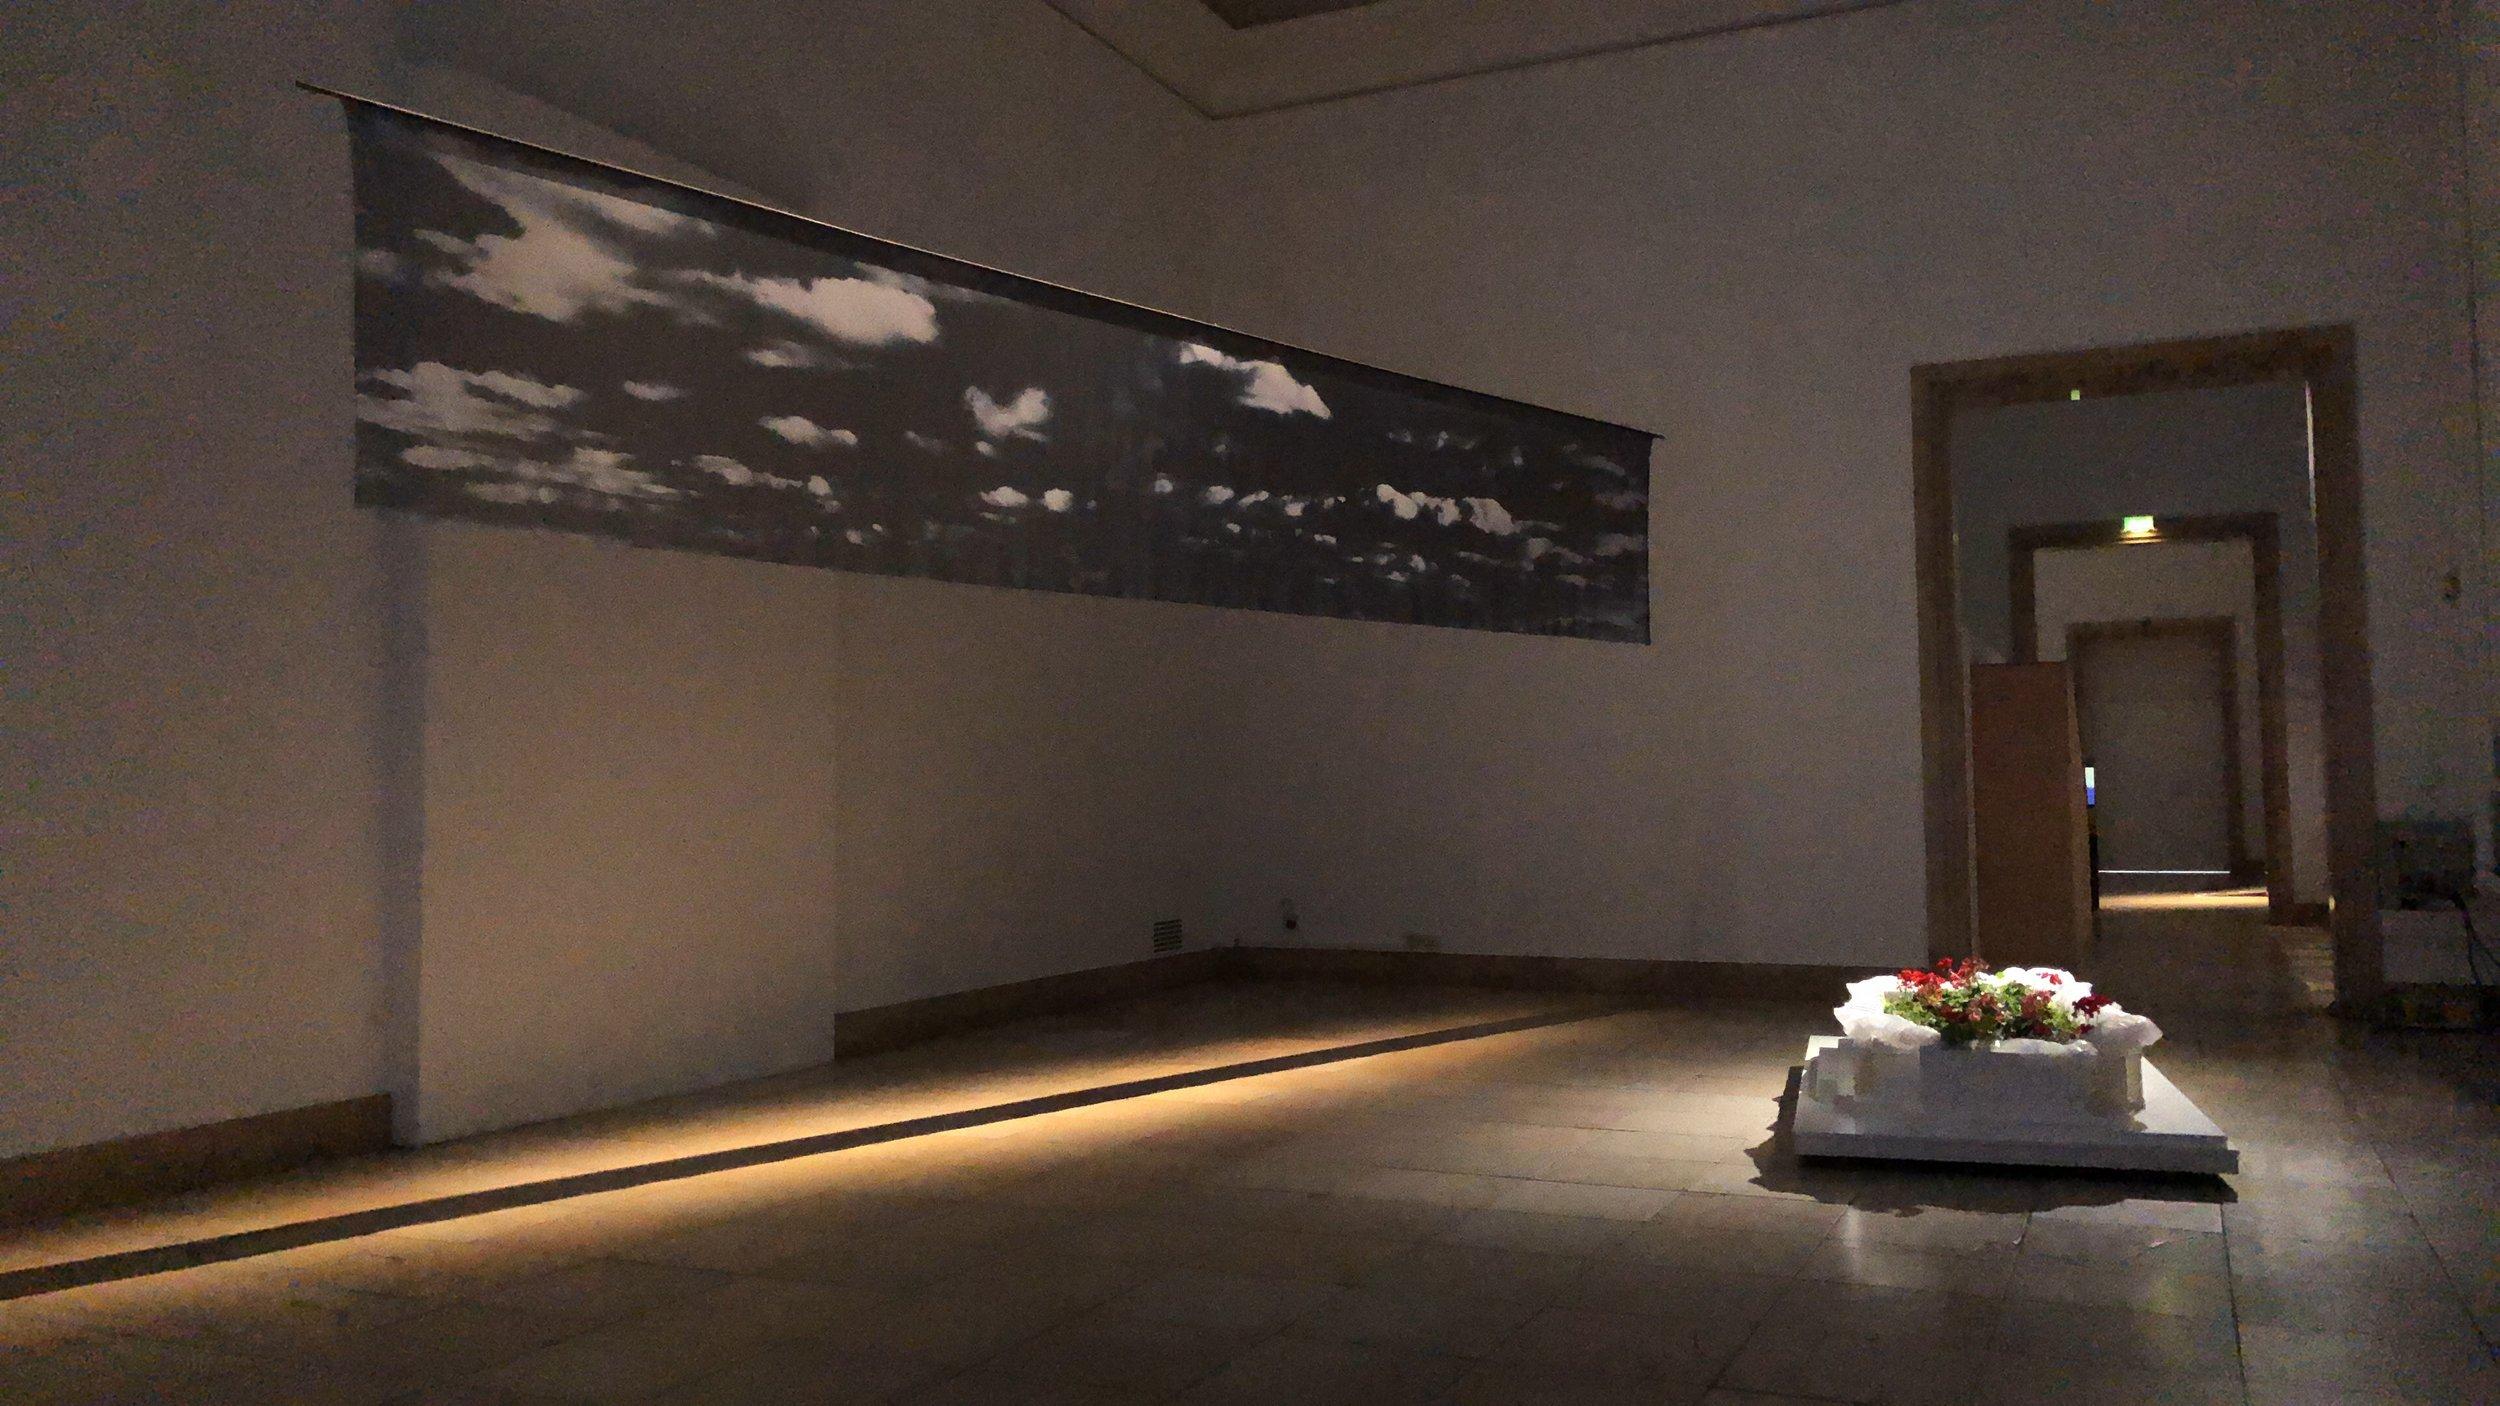 HAUS DER KUNST, MUNICH  THE BIG SLEEP, 4TH ARTISTS' BIENNIAL AT THE HAUS DER KUNST, MUNICH, 2019  EXHIBITION  INFO